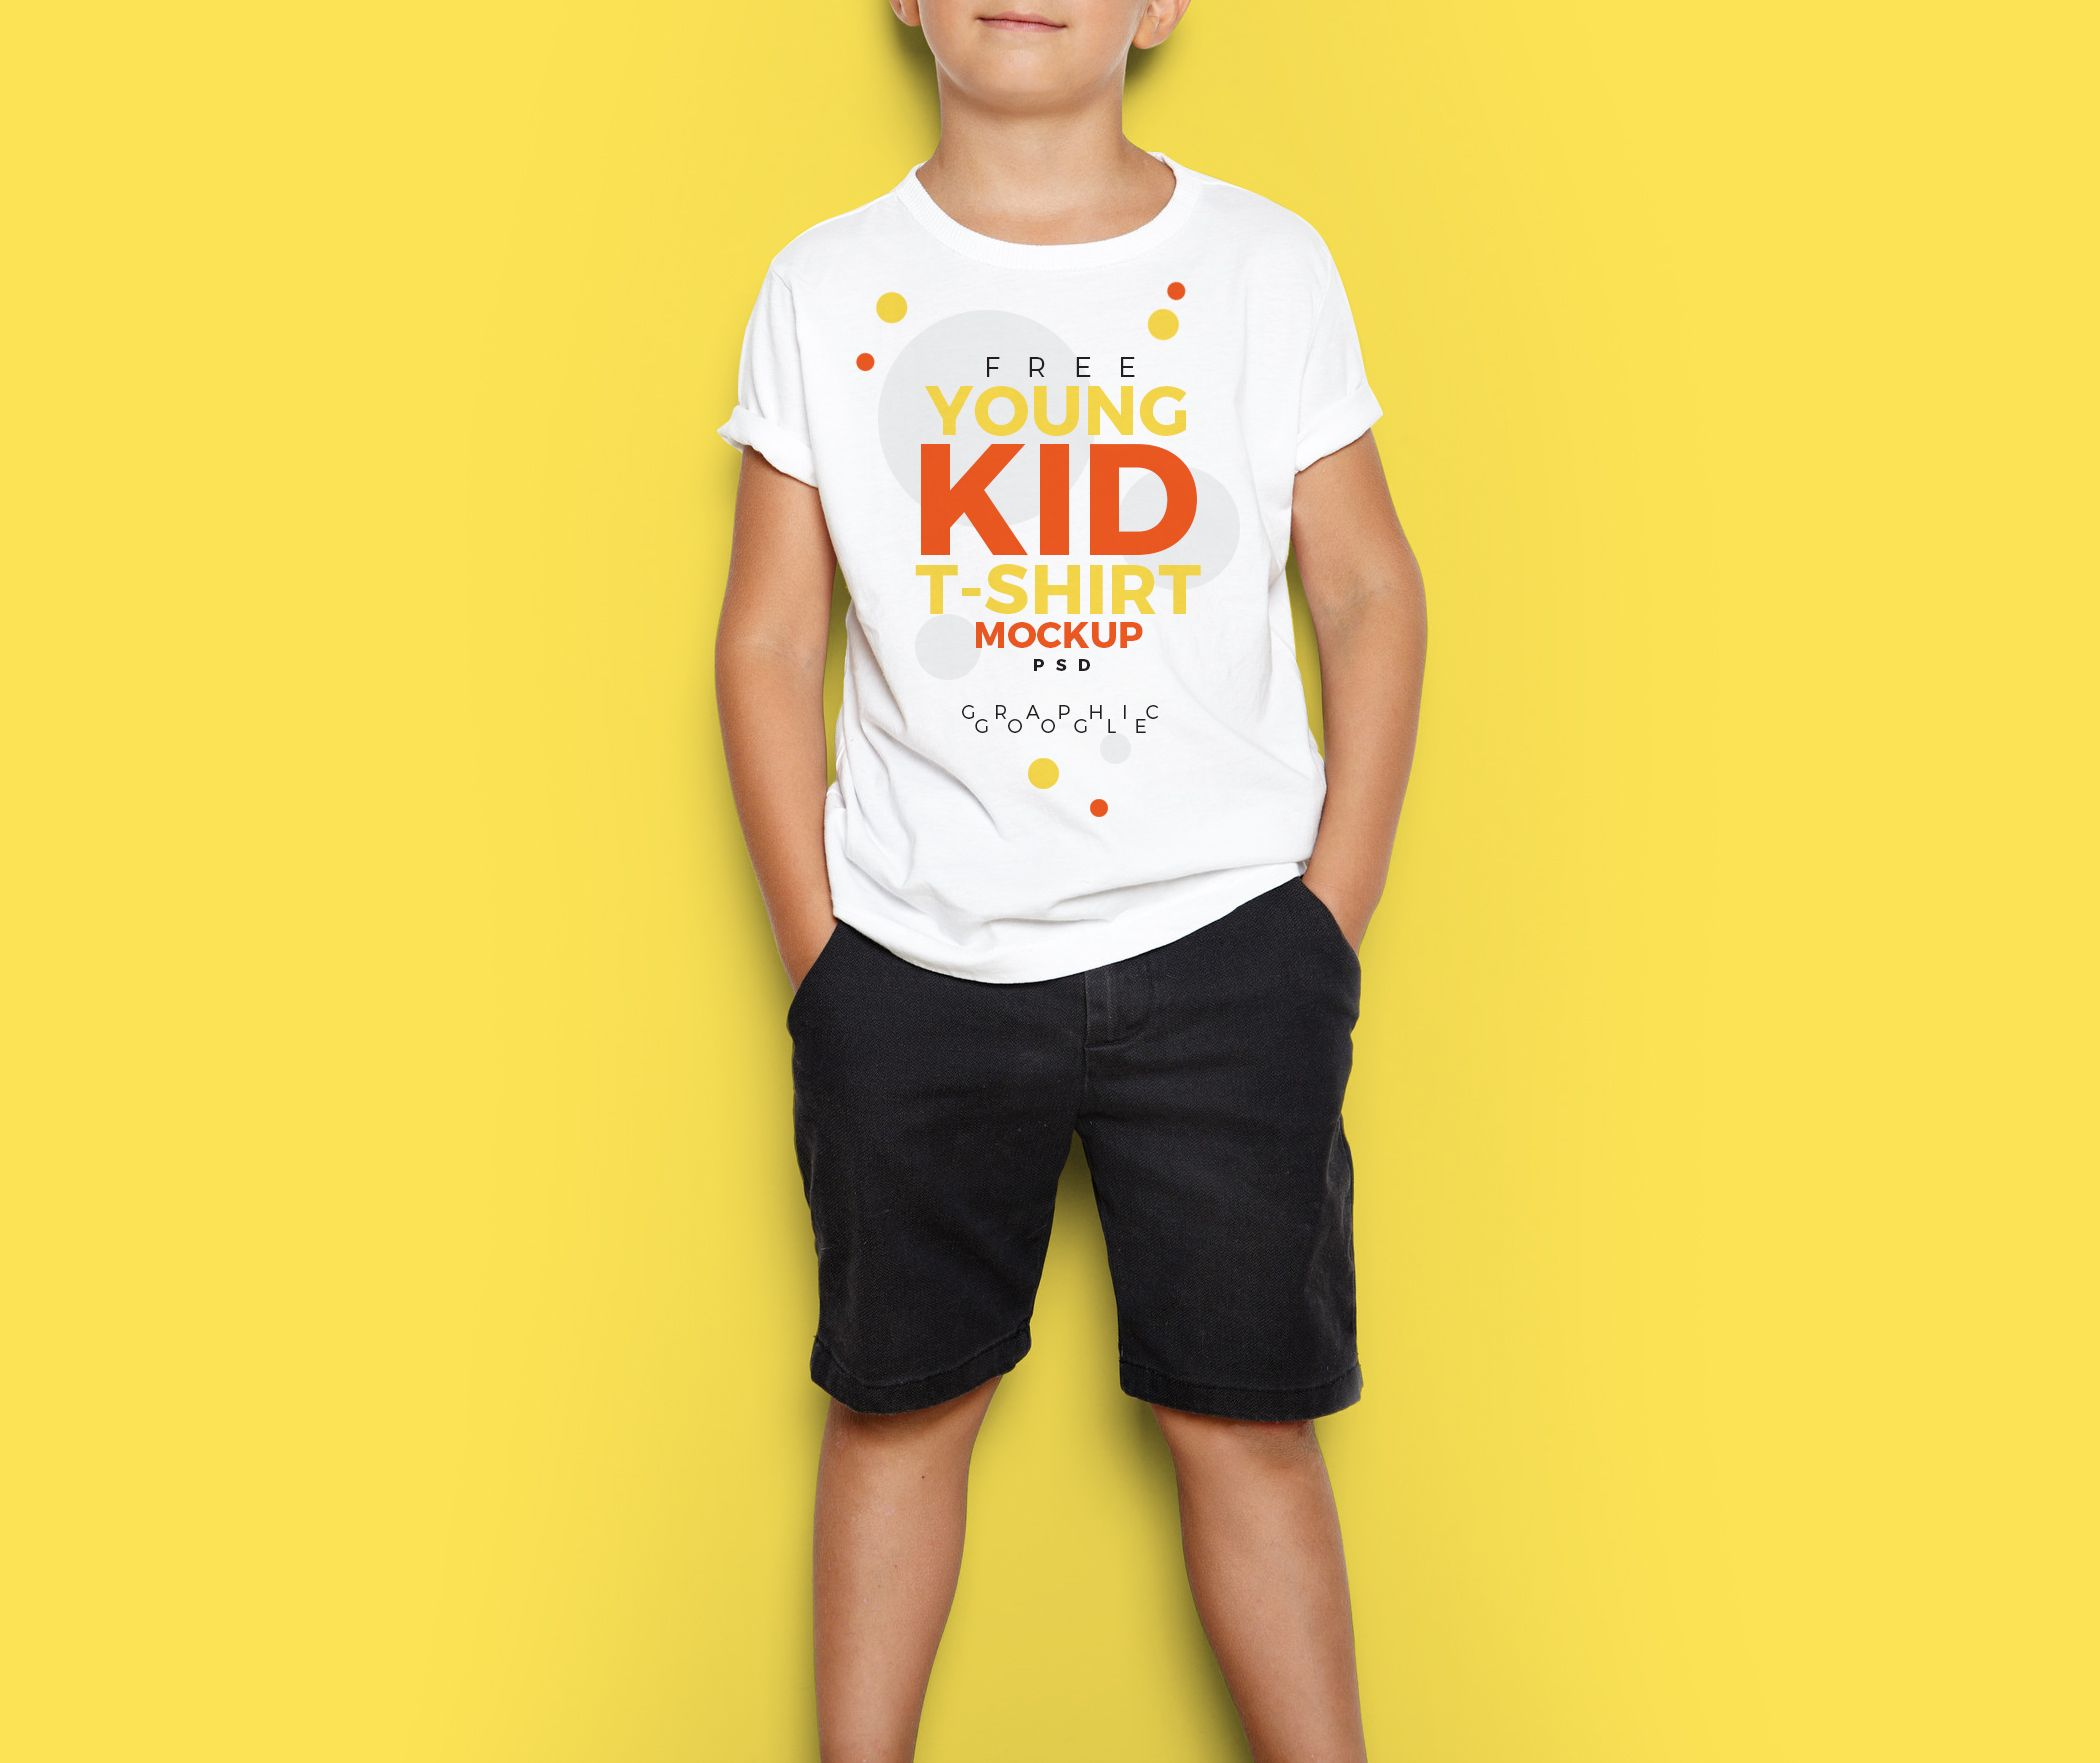 Black t shirt mockup psd free - Free Young Kid T Shirt Mockup Psd 5 65 Mb Graphic Google